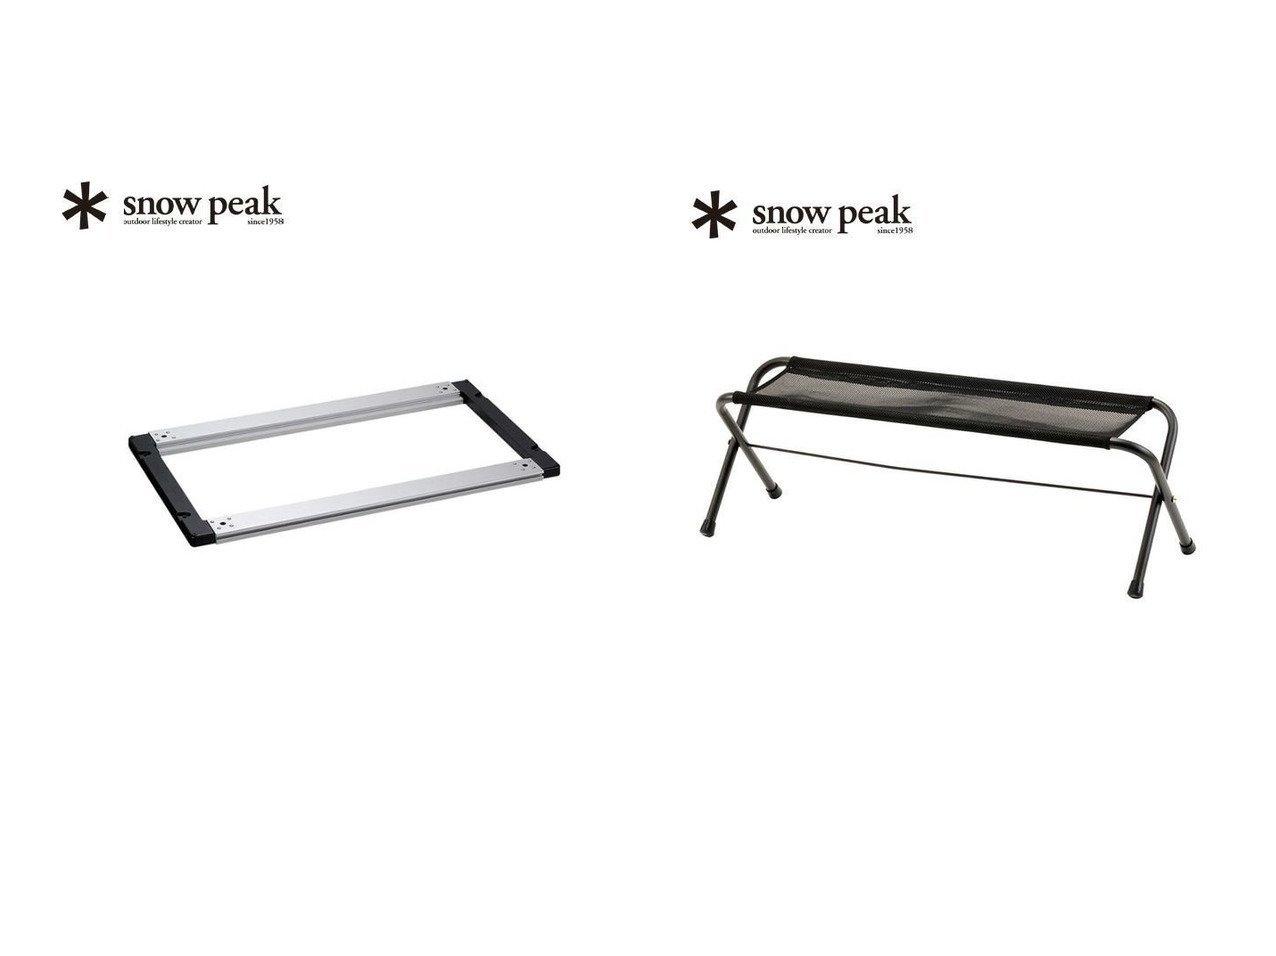 【Snow Peak/スノーピーク】のメッシュFDベンチ&Iron Grill Table Frame アイアングリルテーブル フレーム おすすめ!人気キャンプ・アウトドア用品の通販 おすすめで人気の流行・トレンド、ファッションの通販商品 インテリア・家具・メンズファッション・キッズファッション・レディースファッション・服の通販 founy(ファニー) https://founy.com/ フレーム メッシュ ホーム・キャンプ・アウトドア Home,Garden,Outdoor,Camping Gear キャンプ用品・アウトドア  Camping Gear & Outdoor Supplies チェア テーブル Camp Chairs, Camping Tables ホーム・キャンプ・アウトドア Home,Garden,Outdoor,Camping Gear キャンプ用品・アウトドア  Camping Gear & Outdoor Supplies バーナー グリル Burner, Grill ホーム・キャンプ・アウトドア Home,Garden,Outdoor,Camping Gear キャンプ用品・アウトドア  Camping Gear & Outdoor Supplies その他 雑貨 小物 Camping Tools  ID:crp329100000047690